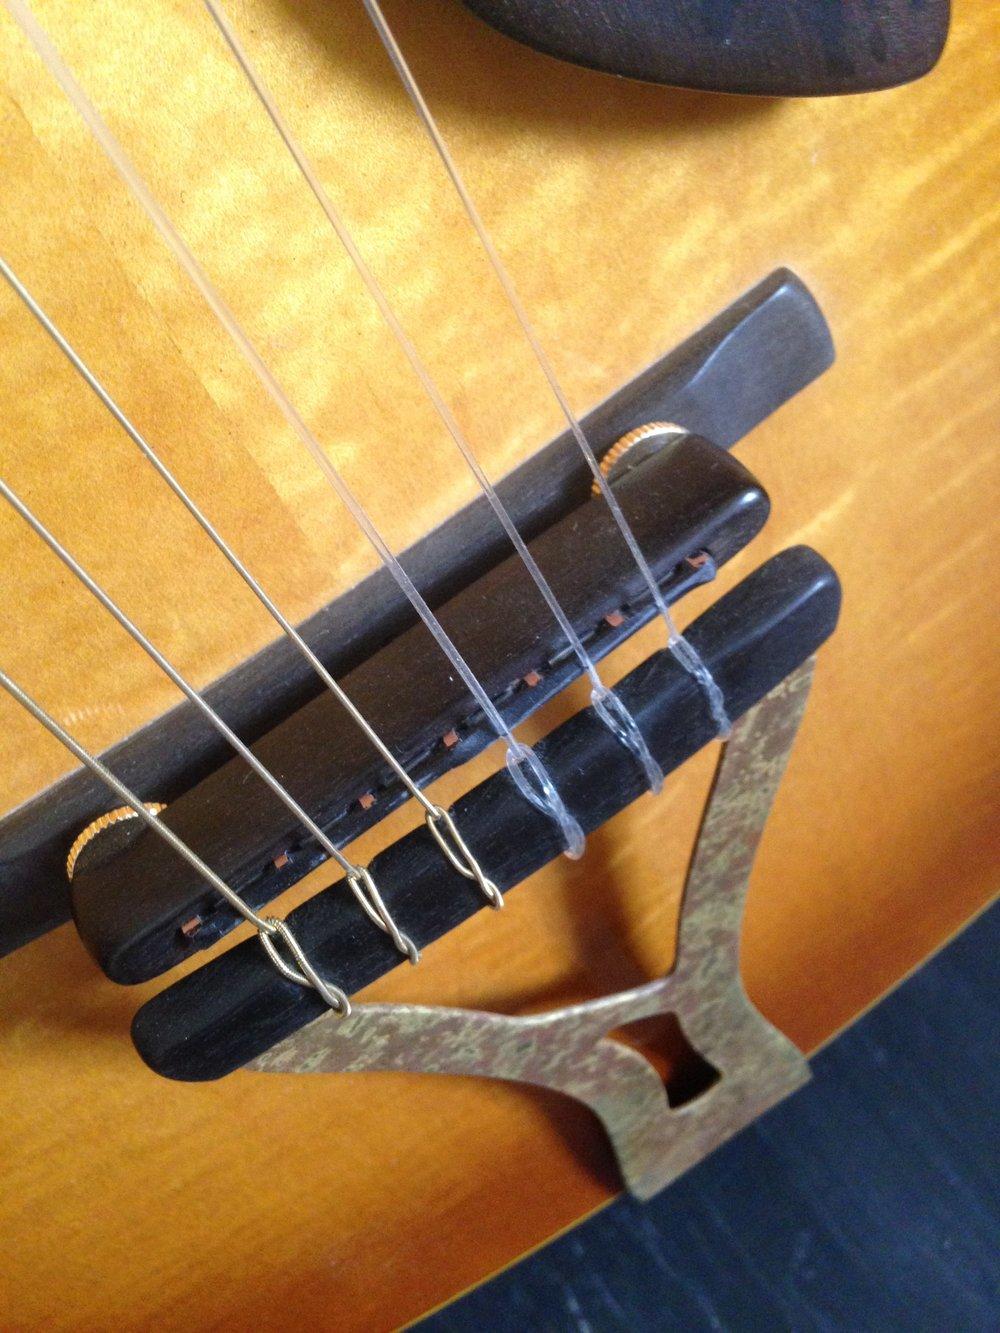 borys_guitars_IMG_2480.JPG